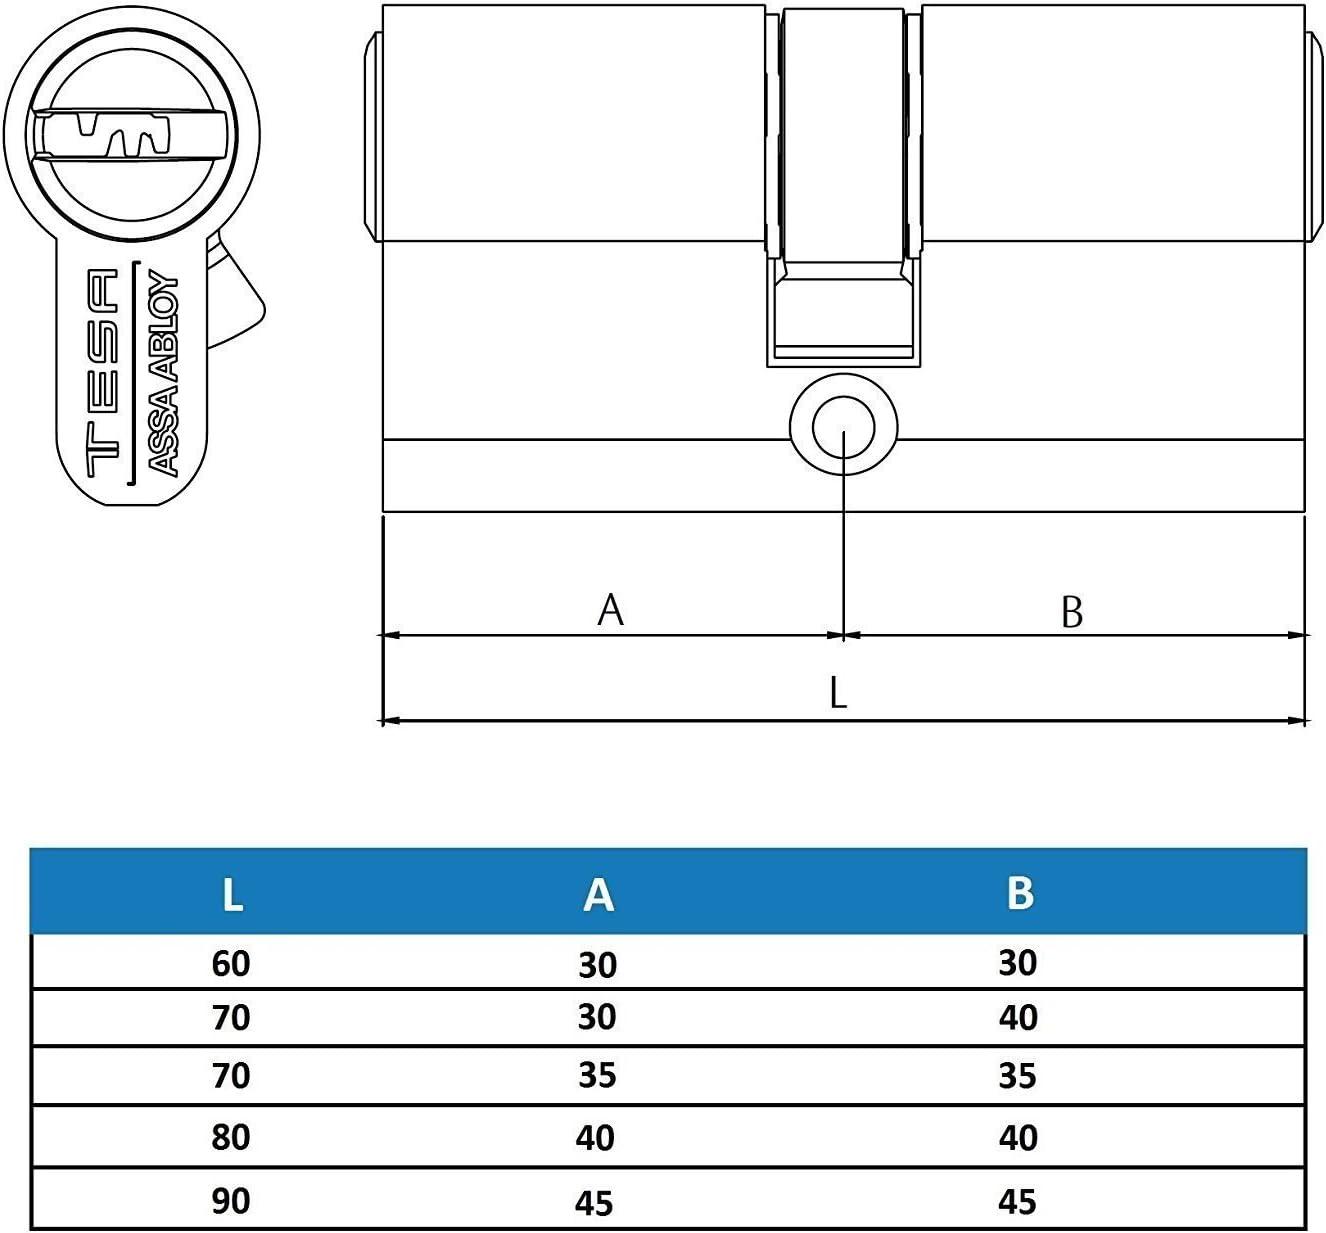 Medidas de la cerradura para escoger el modelo de TESA ASSA ABLOY